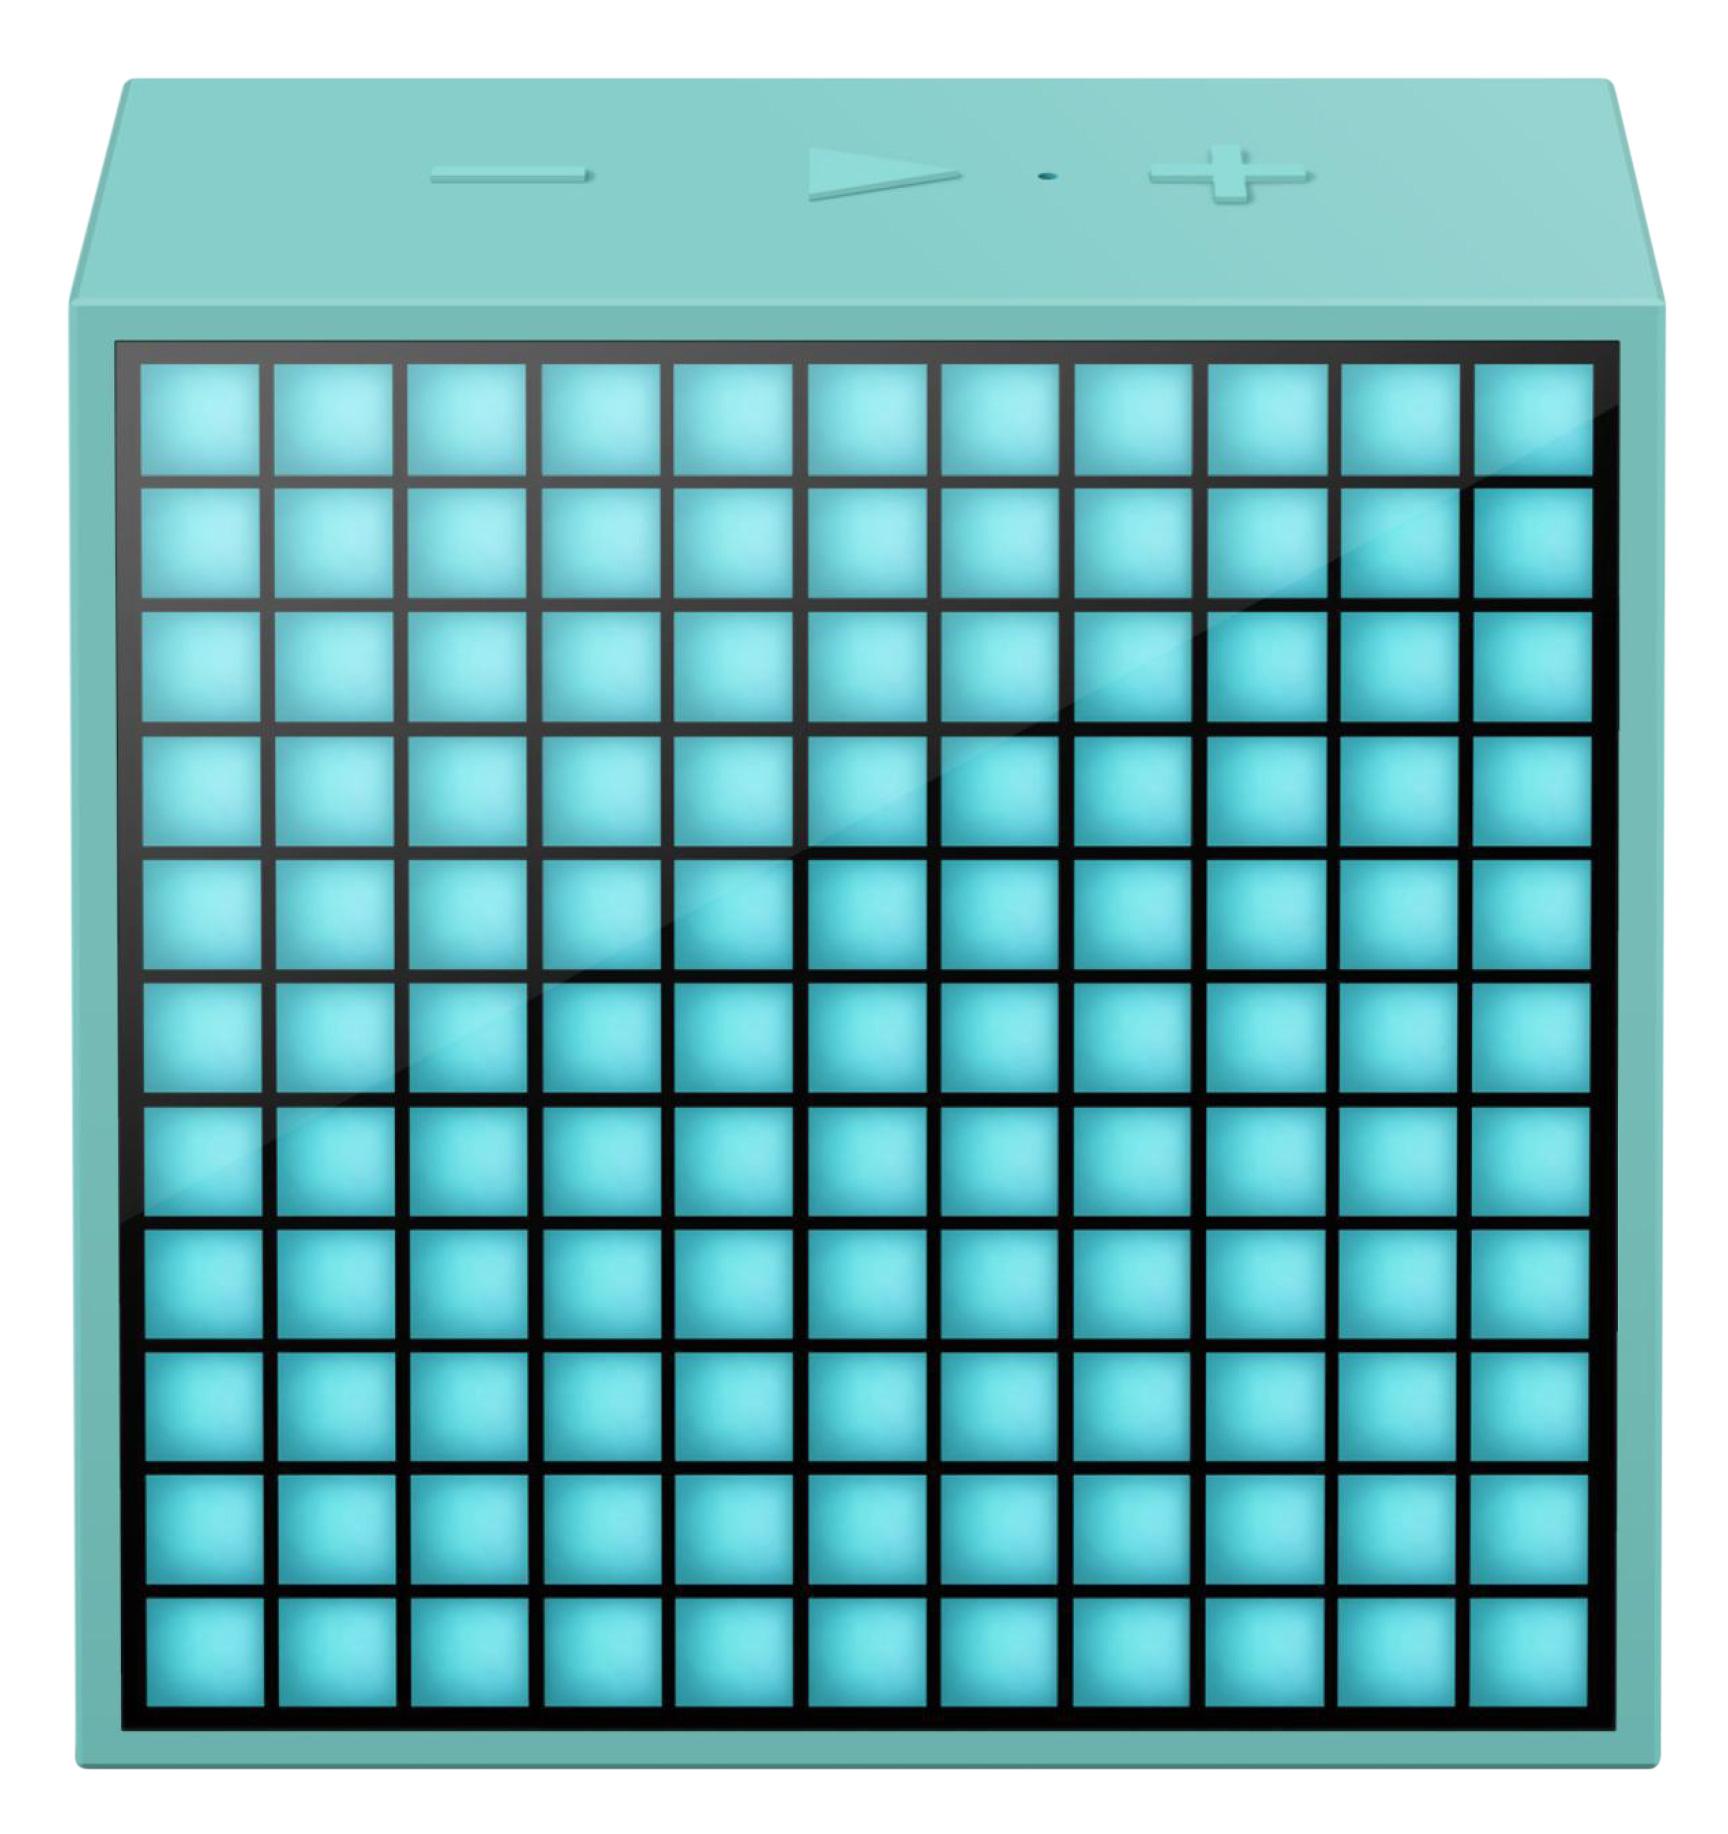 Divoom TimeBox Mini Teal